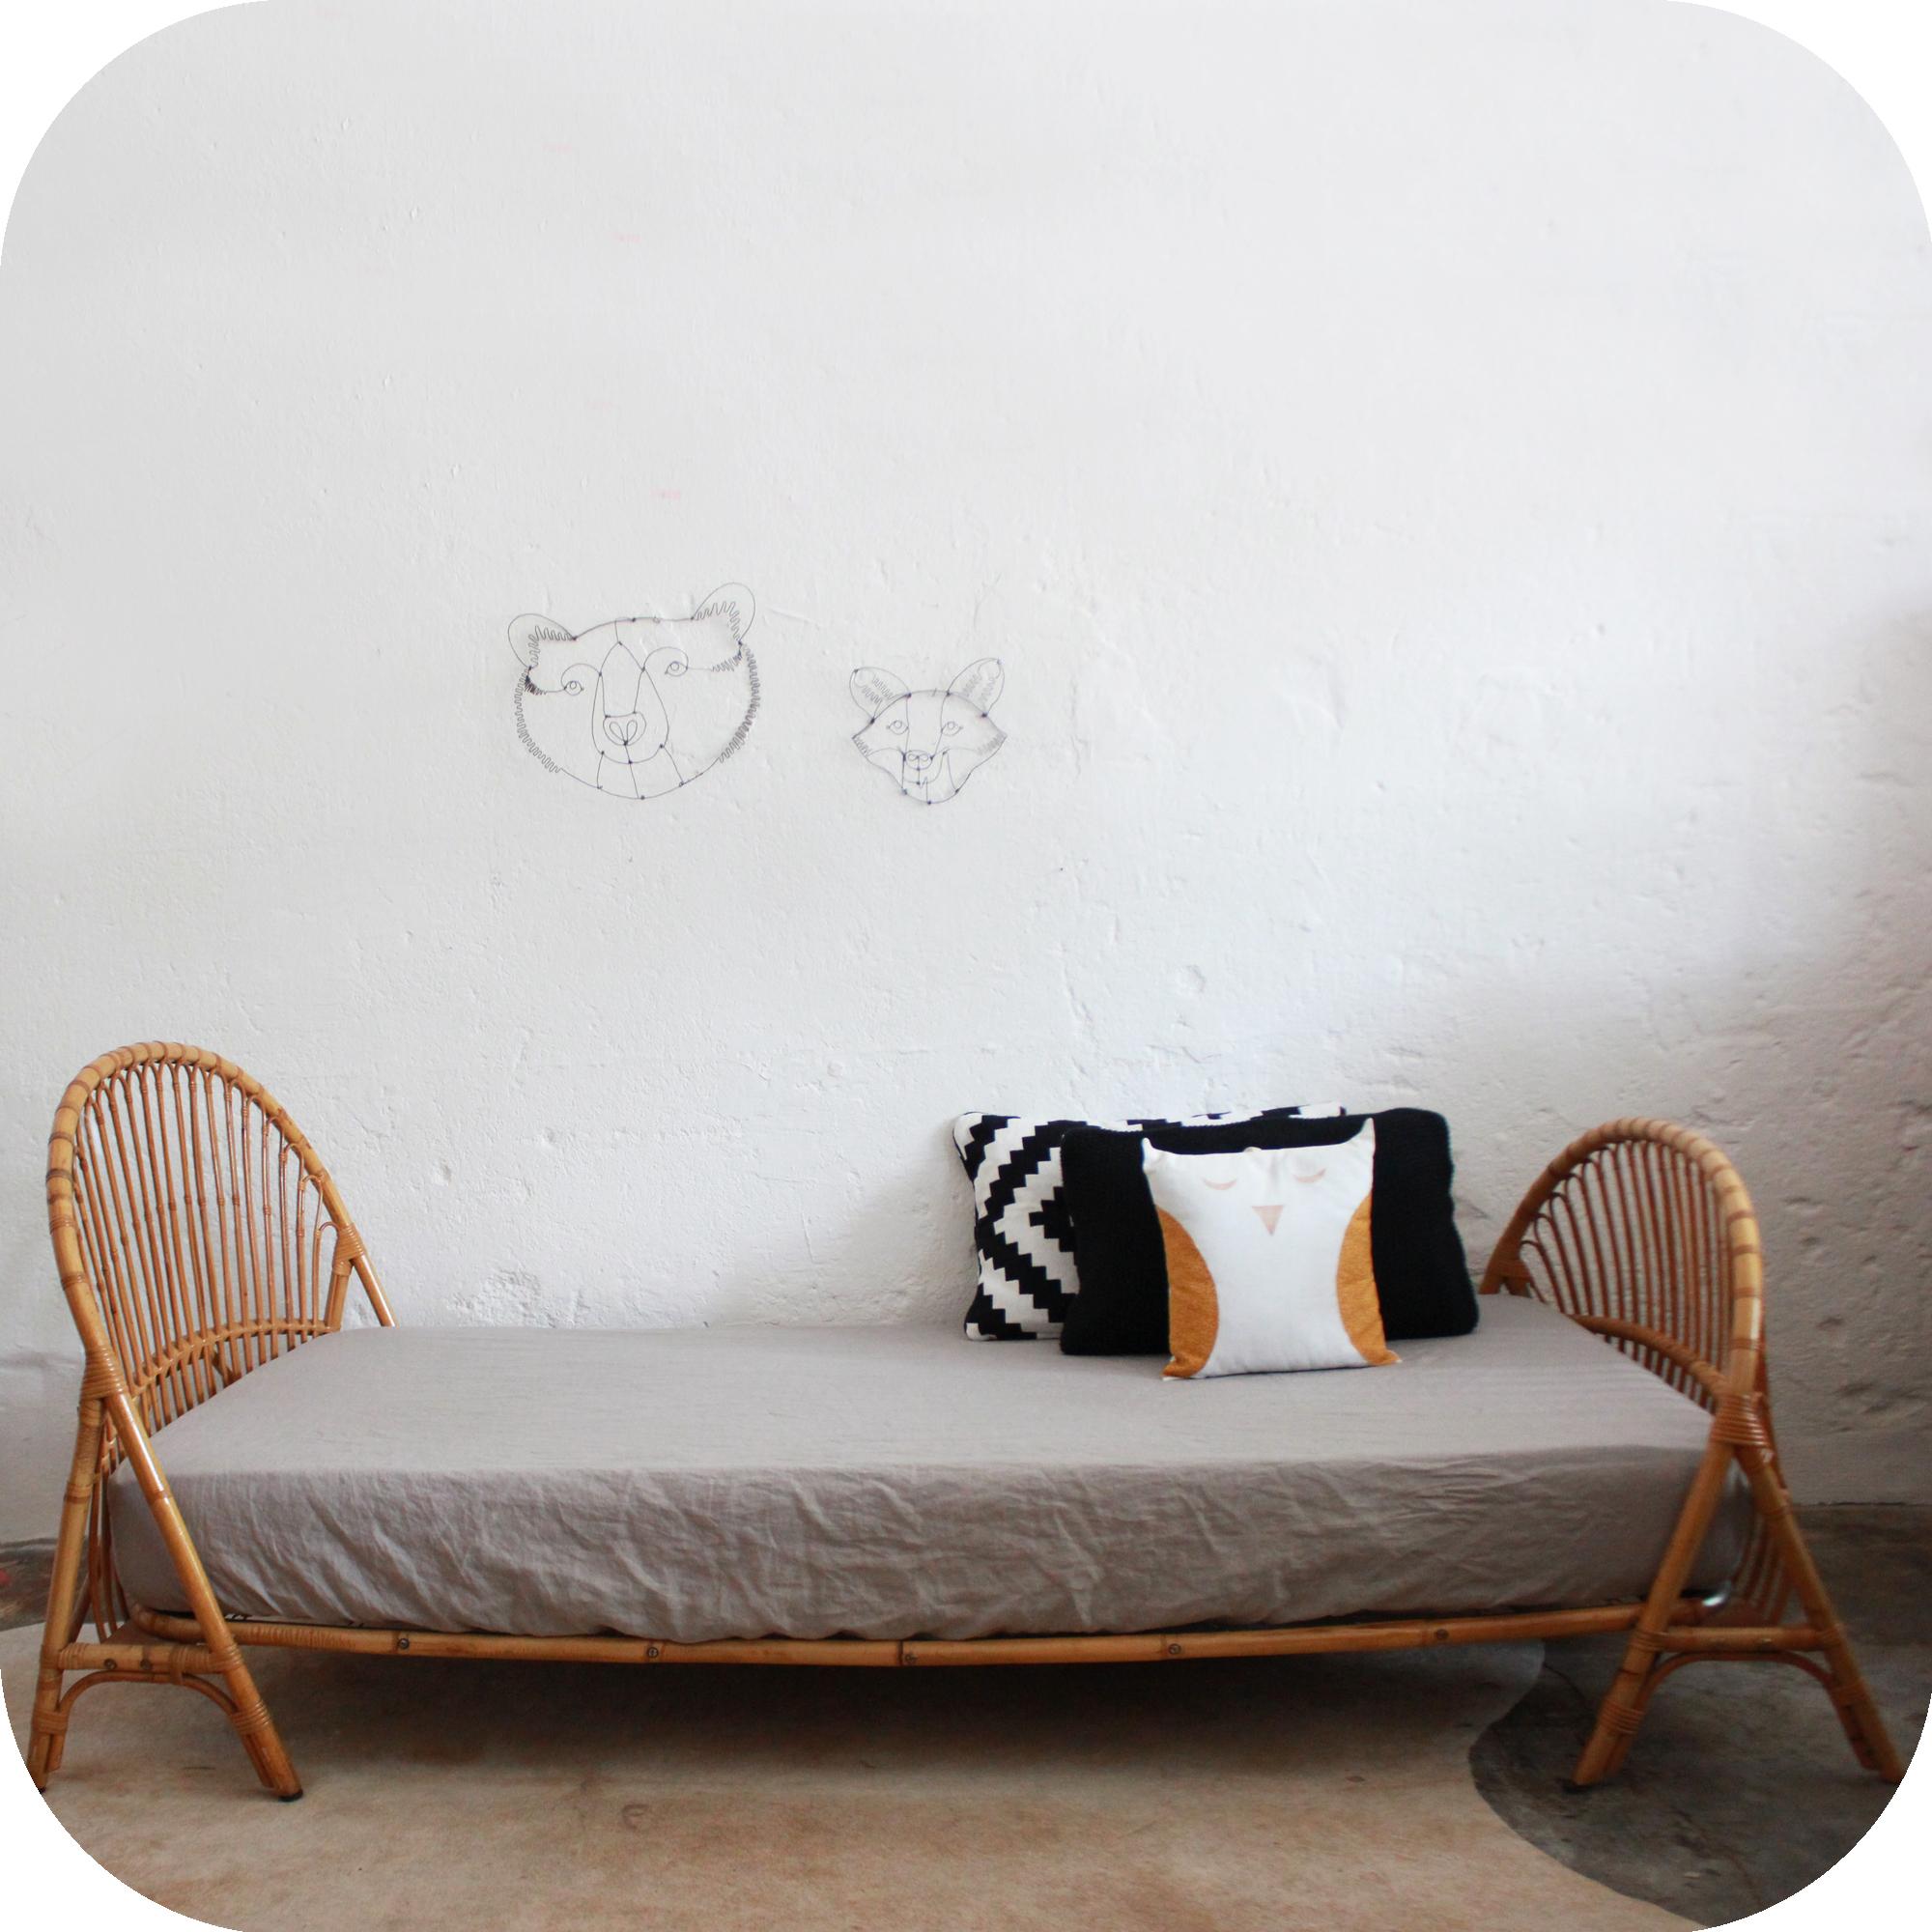 D551_mobilier-vintage-lit-vintage-rotin-corbeille-a